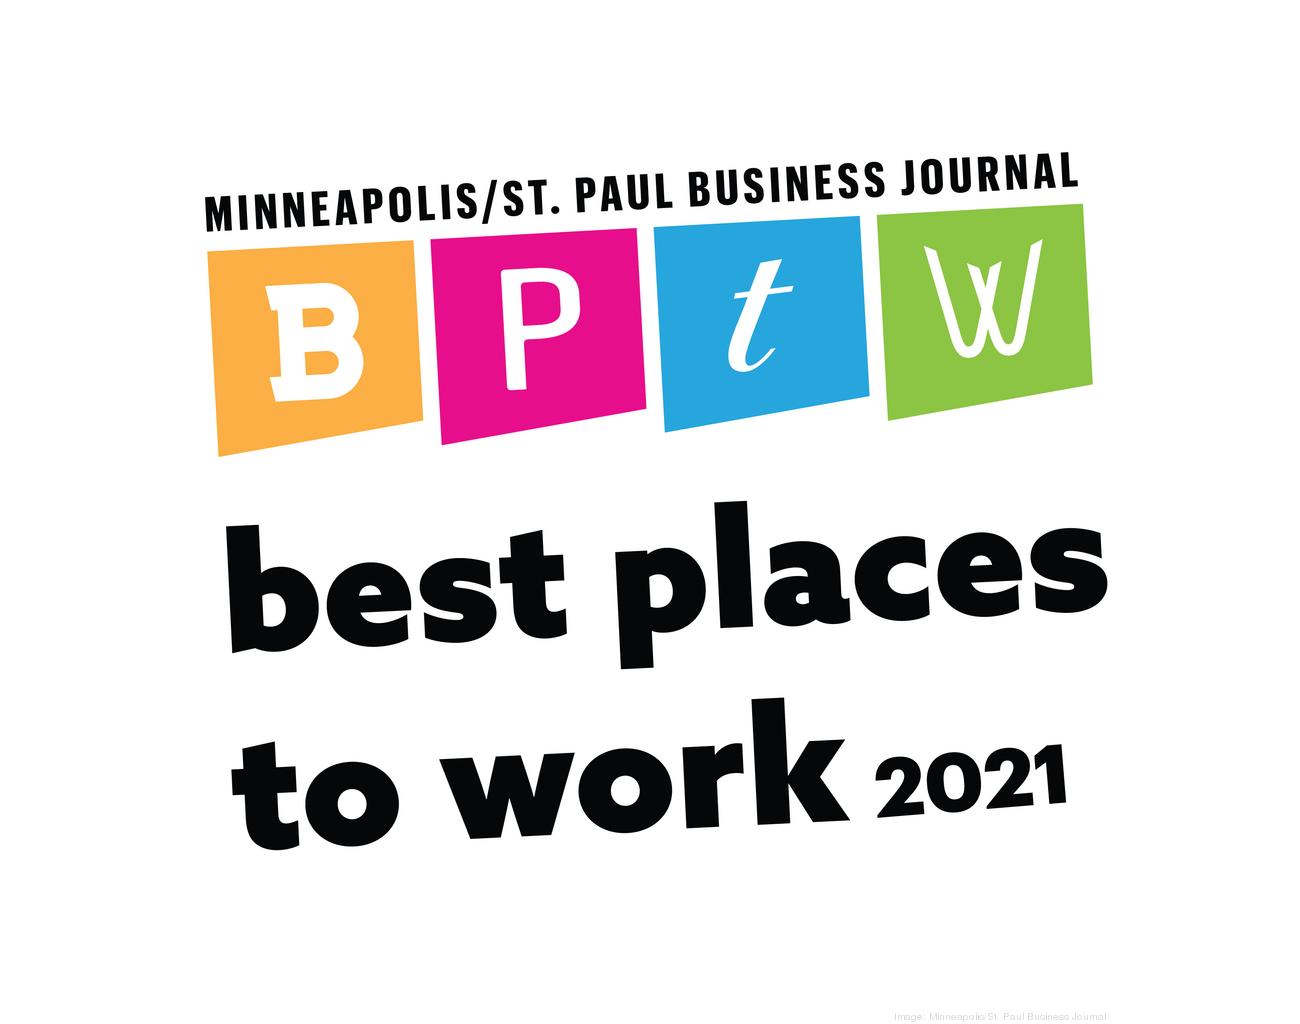 logo Bptwlogos2021 02 wider